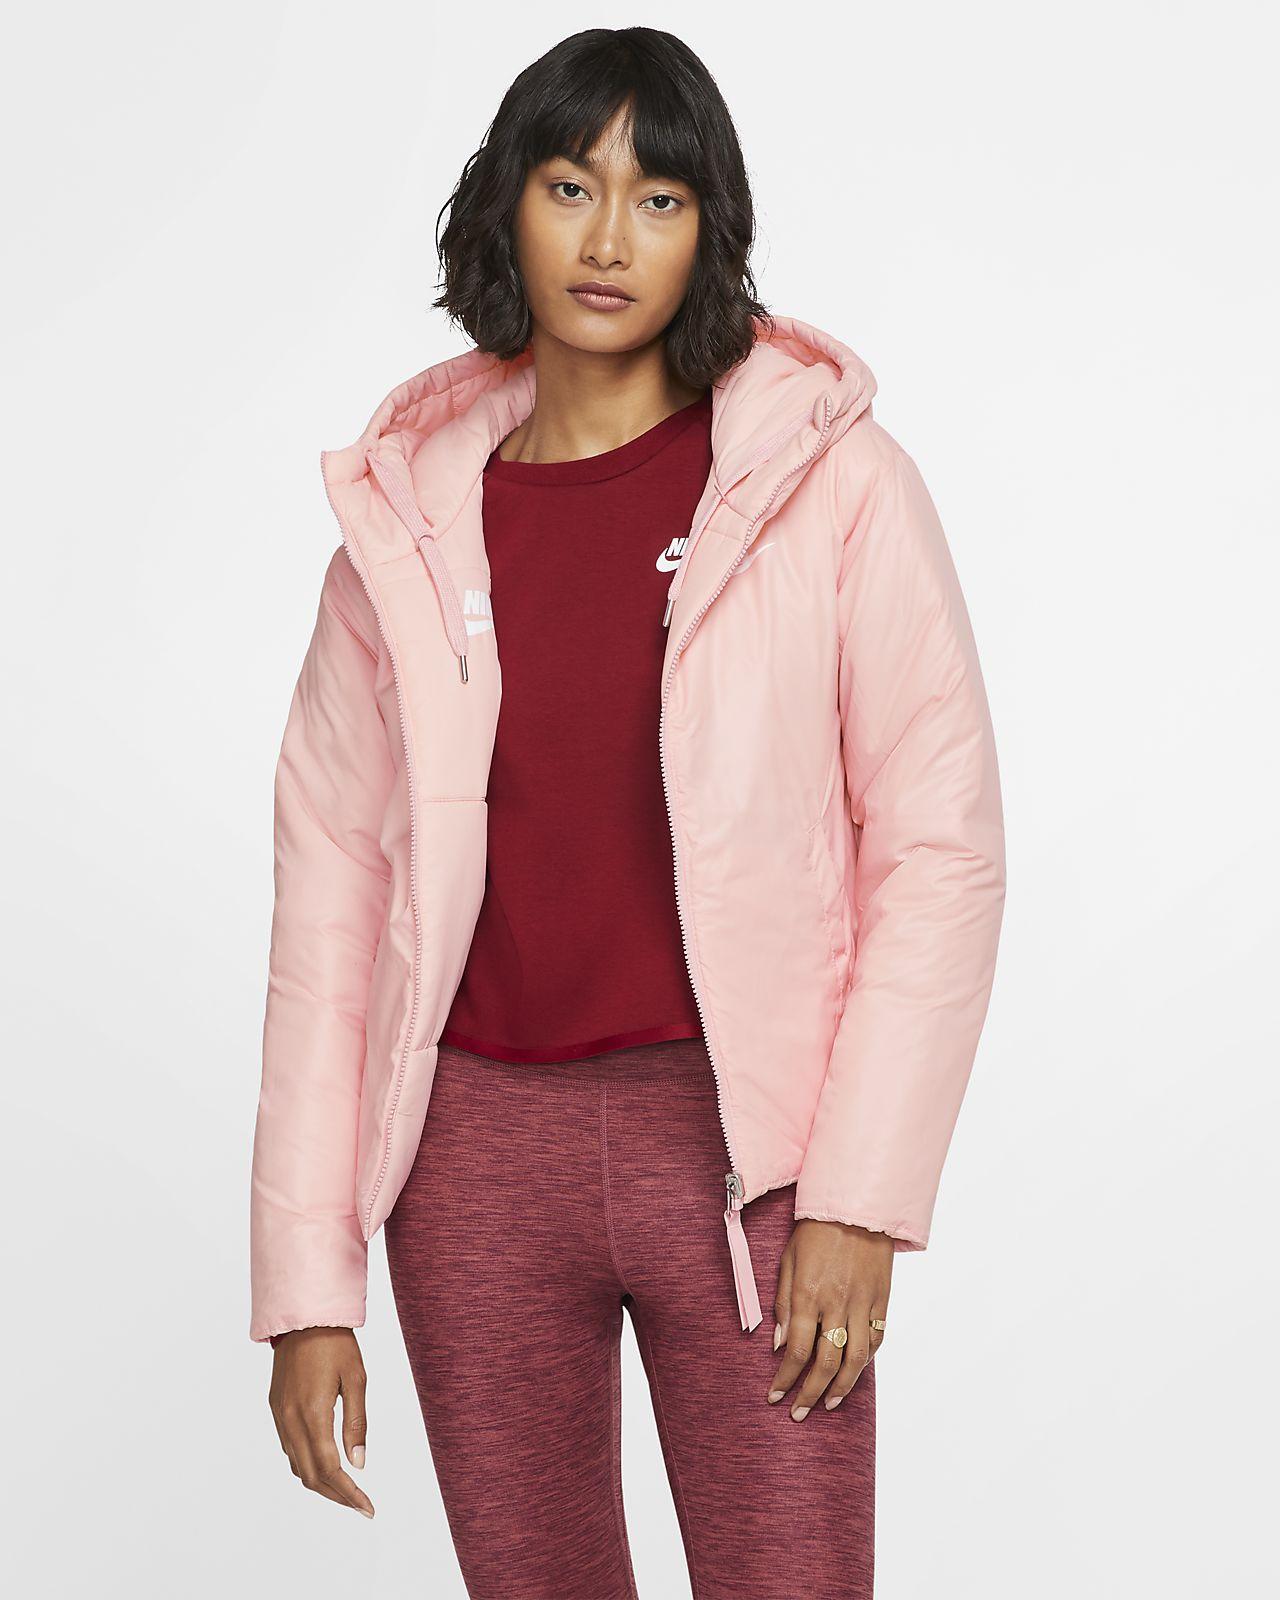 Nike Sportswear Damen Synthetic Fill Jacke Wendbar Storm Pink